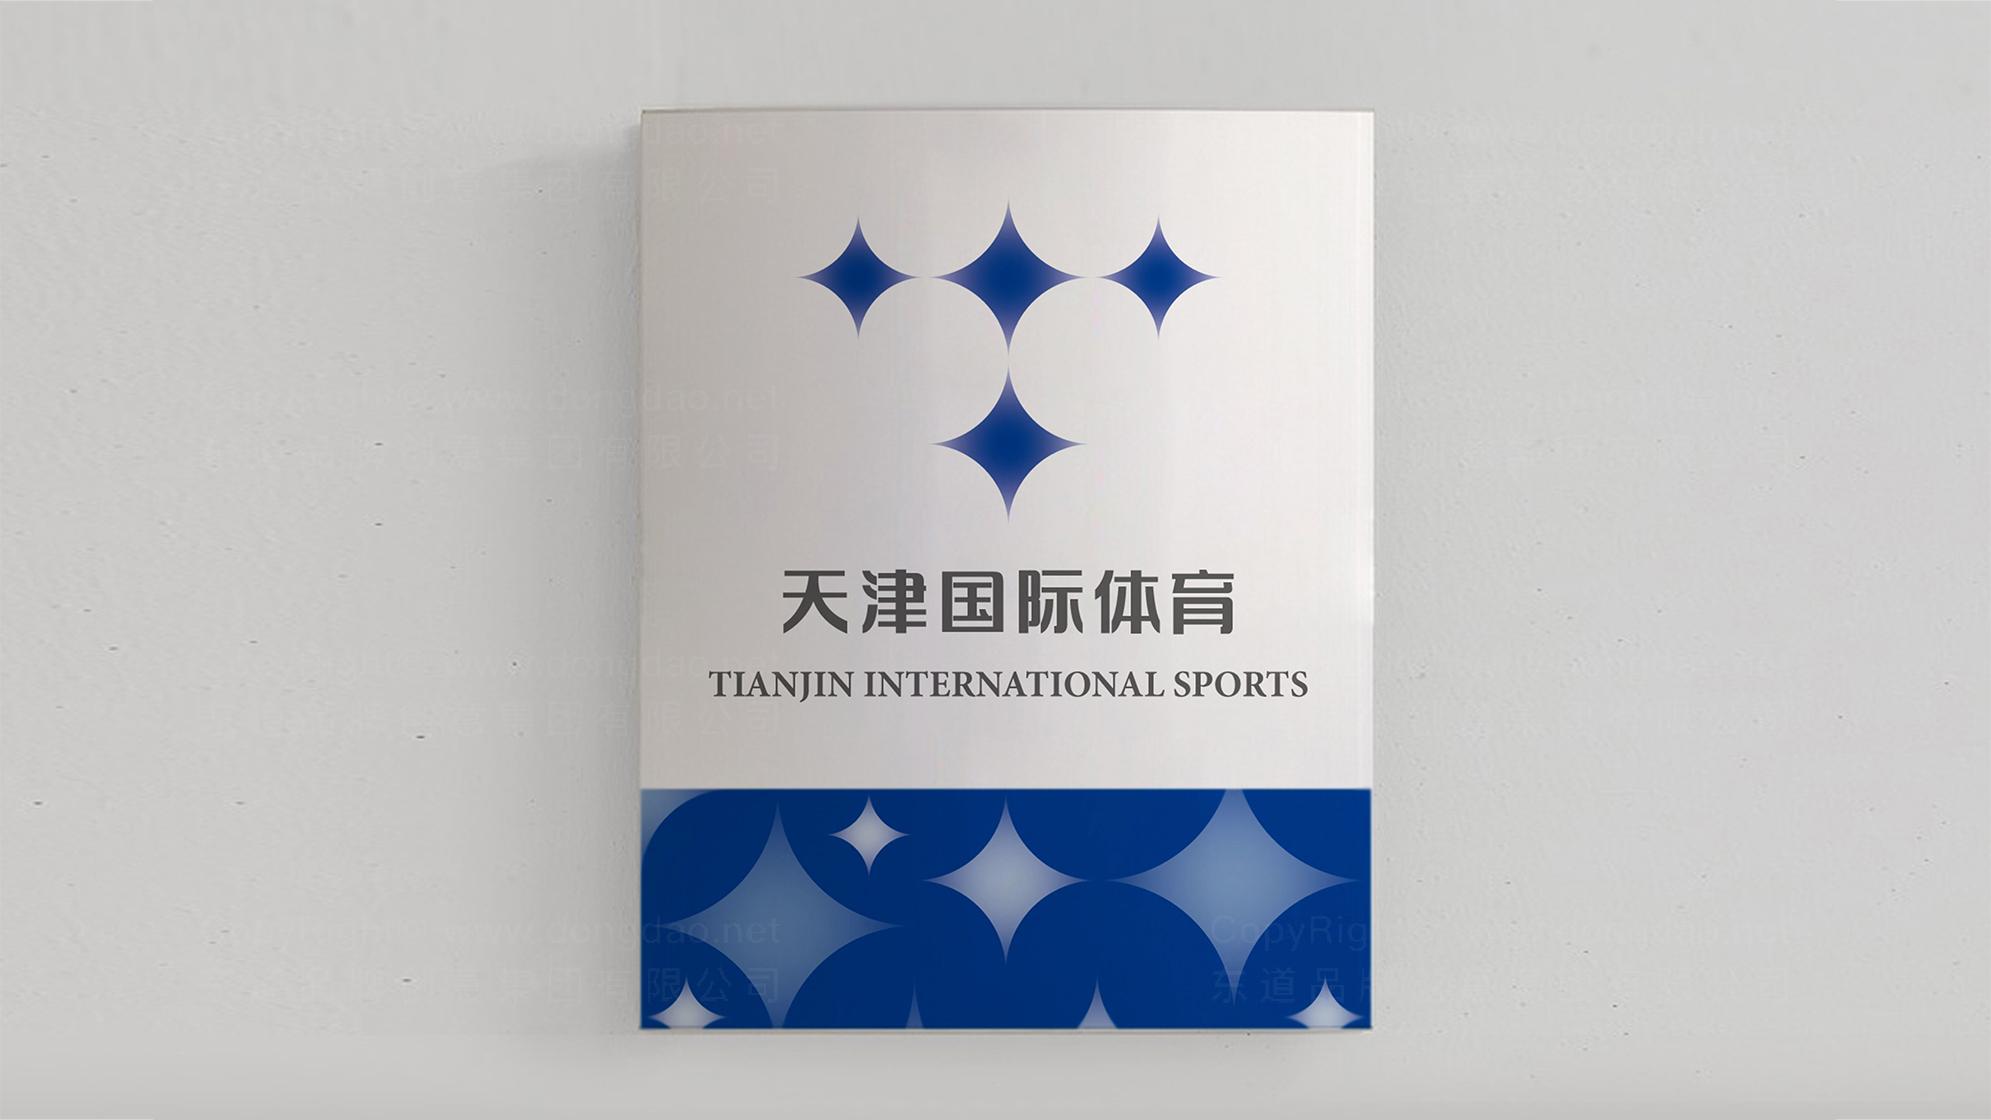 品牌设计天津国际体育LOGO&VI设计应用场景_1